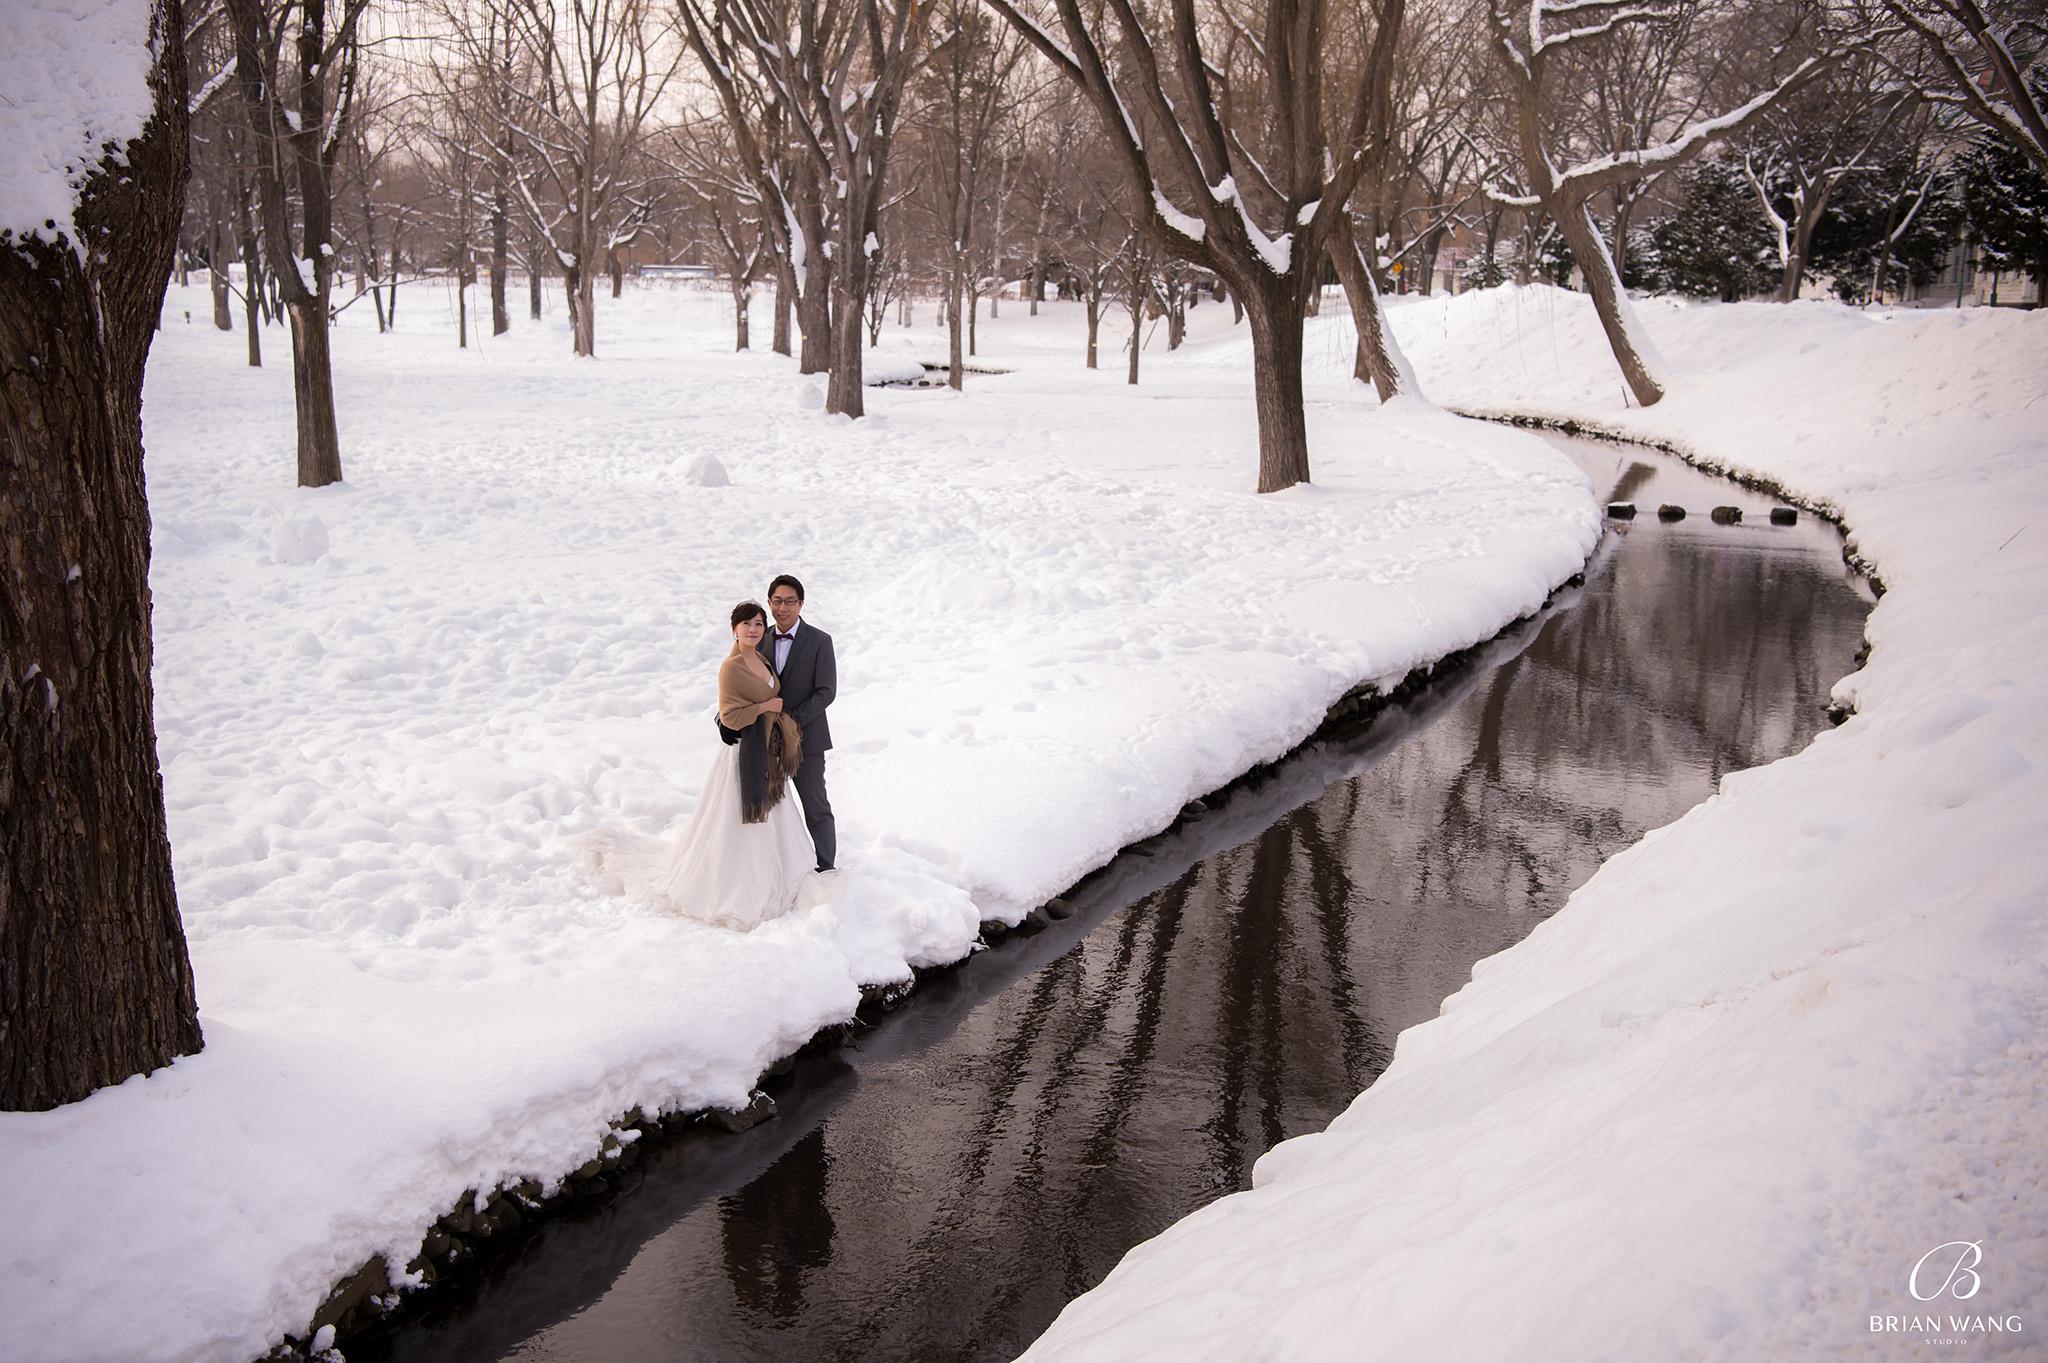 '北海道自助婚紗,北海道婚紗攝影,北海道雪景婚紗,海外婚紗價格,雪景婚紗,拍和服,北海道海外婚紗費用,伏見稻荷,札幌,2048BWS_6517'